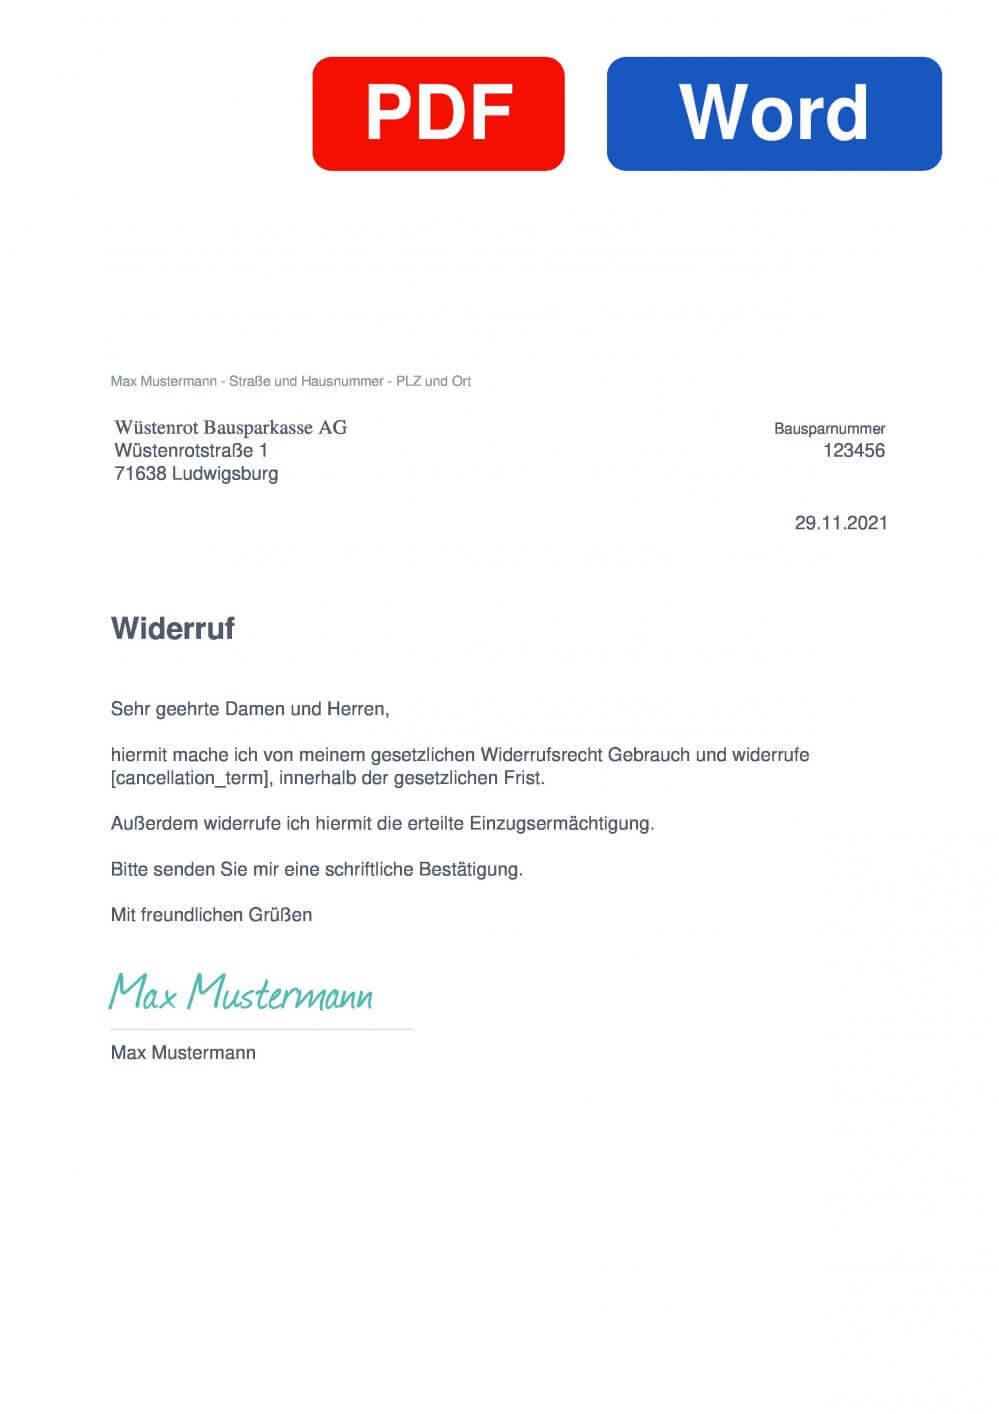 Wüstenrot Bausparvertrag Muster Vorlage für Wiederrufsschreiben